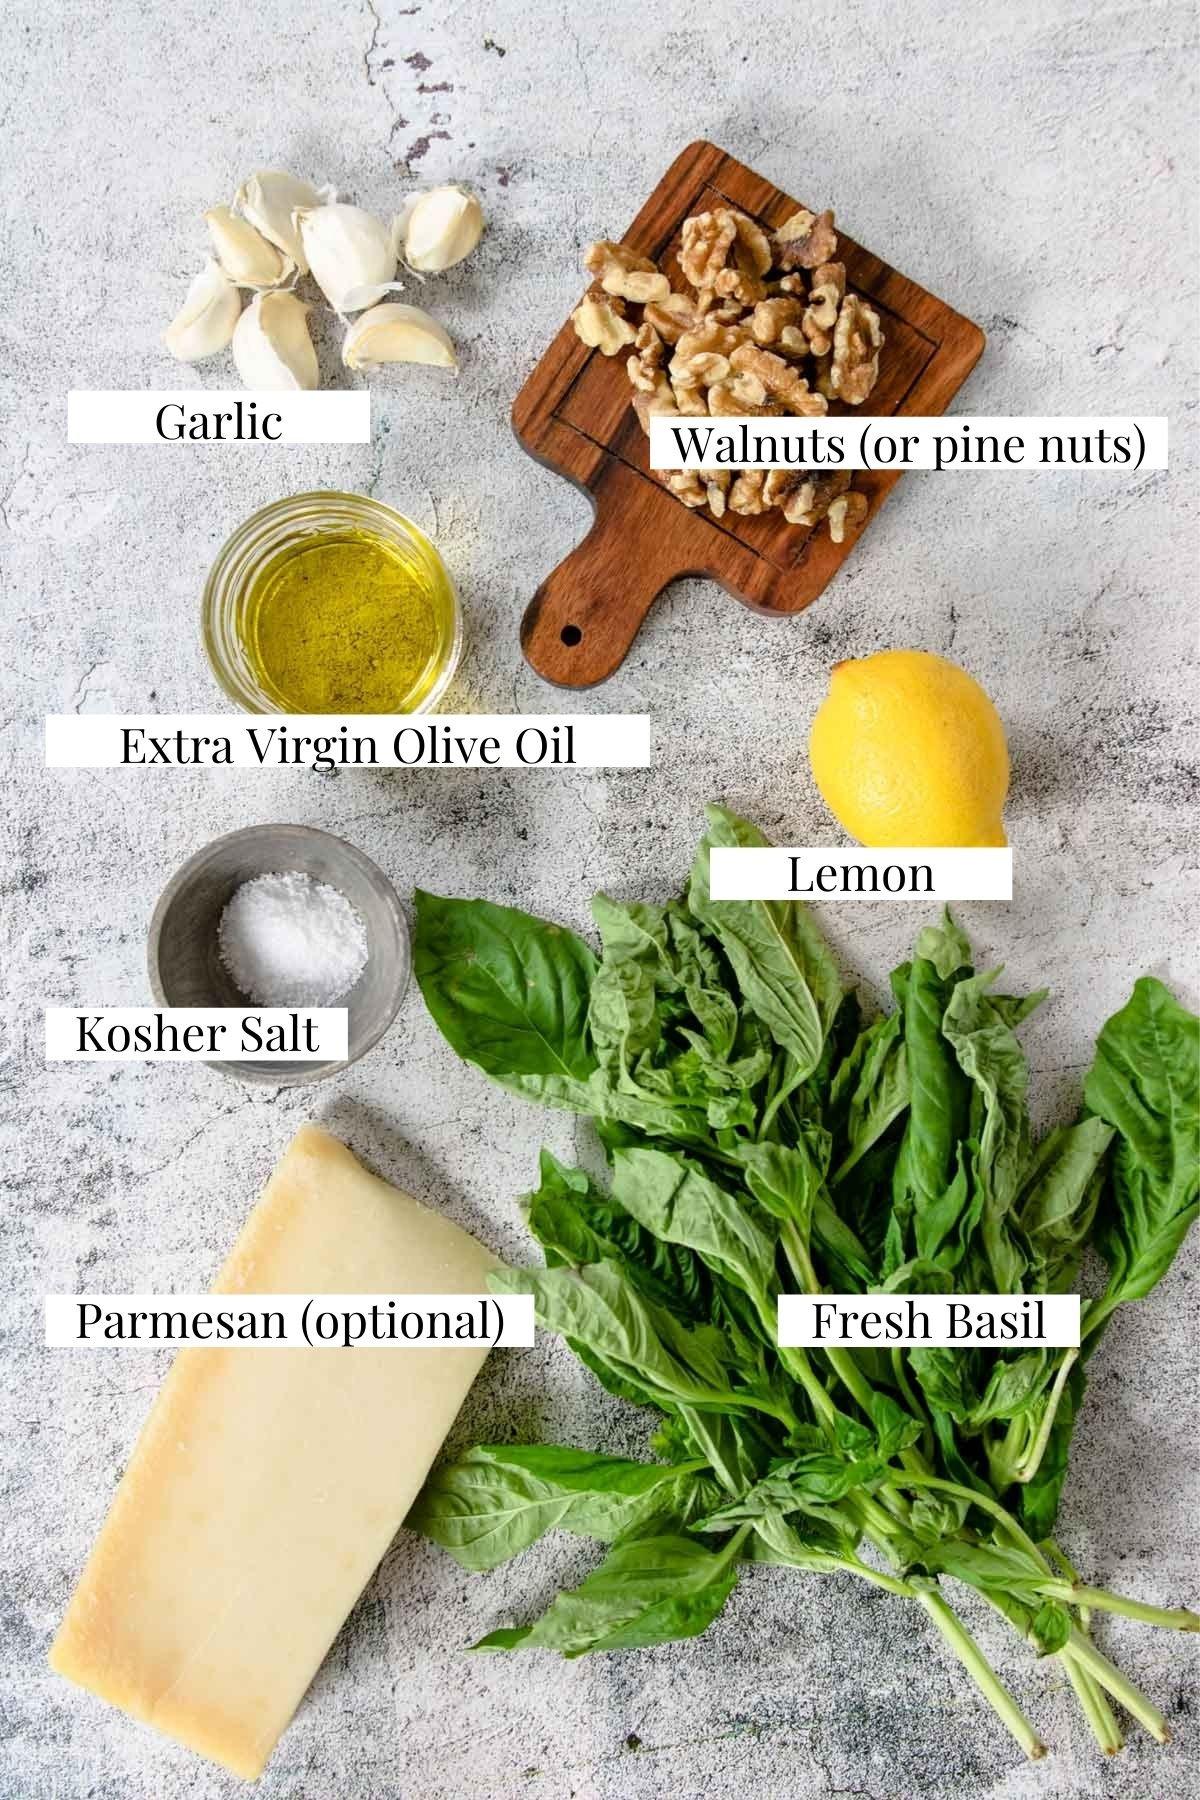 ingredients for making fresh basil pesto